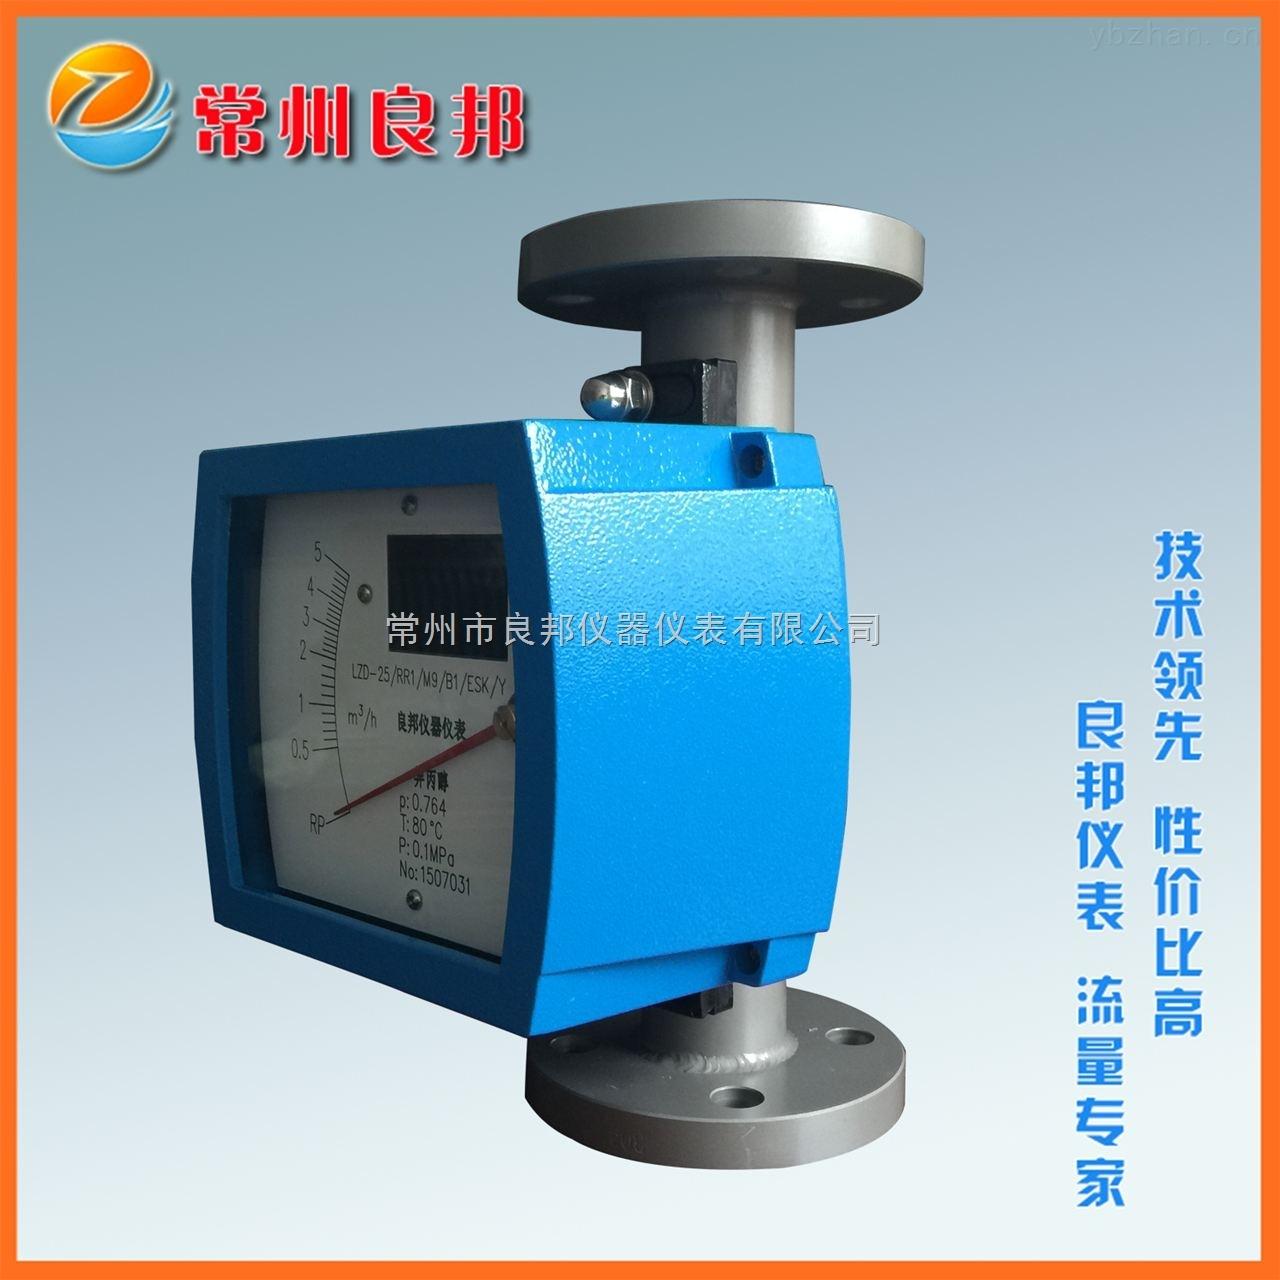 LZ系列金屬管浮子流量計價格  做工精湛  計量穩定